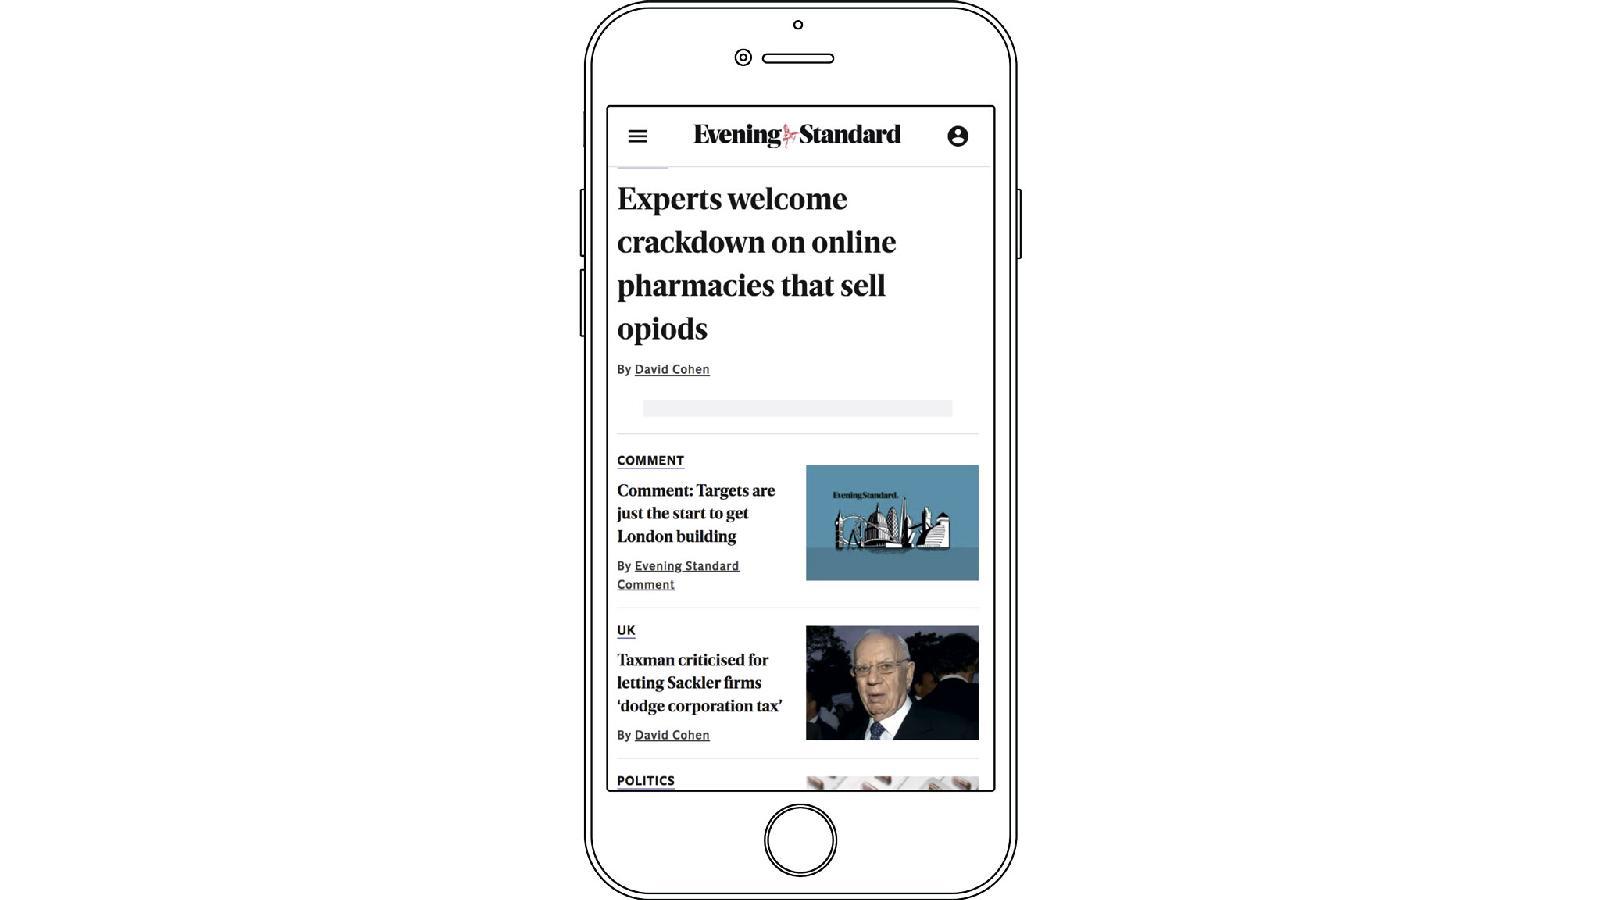 Evening Standard регулярно запускает тематические информационные кампании. Одна из них — расследование о рынке опиоидных препаратов